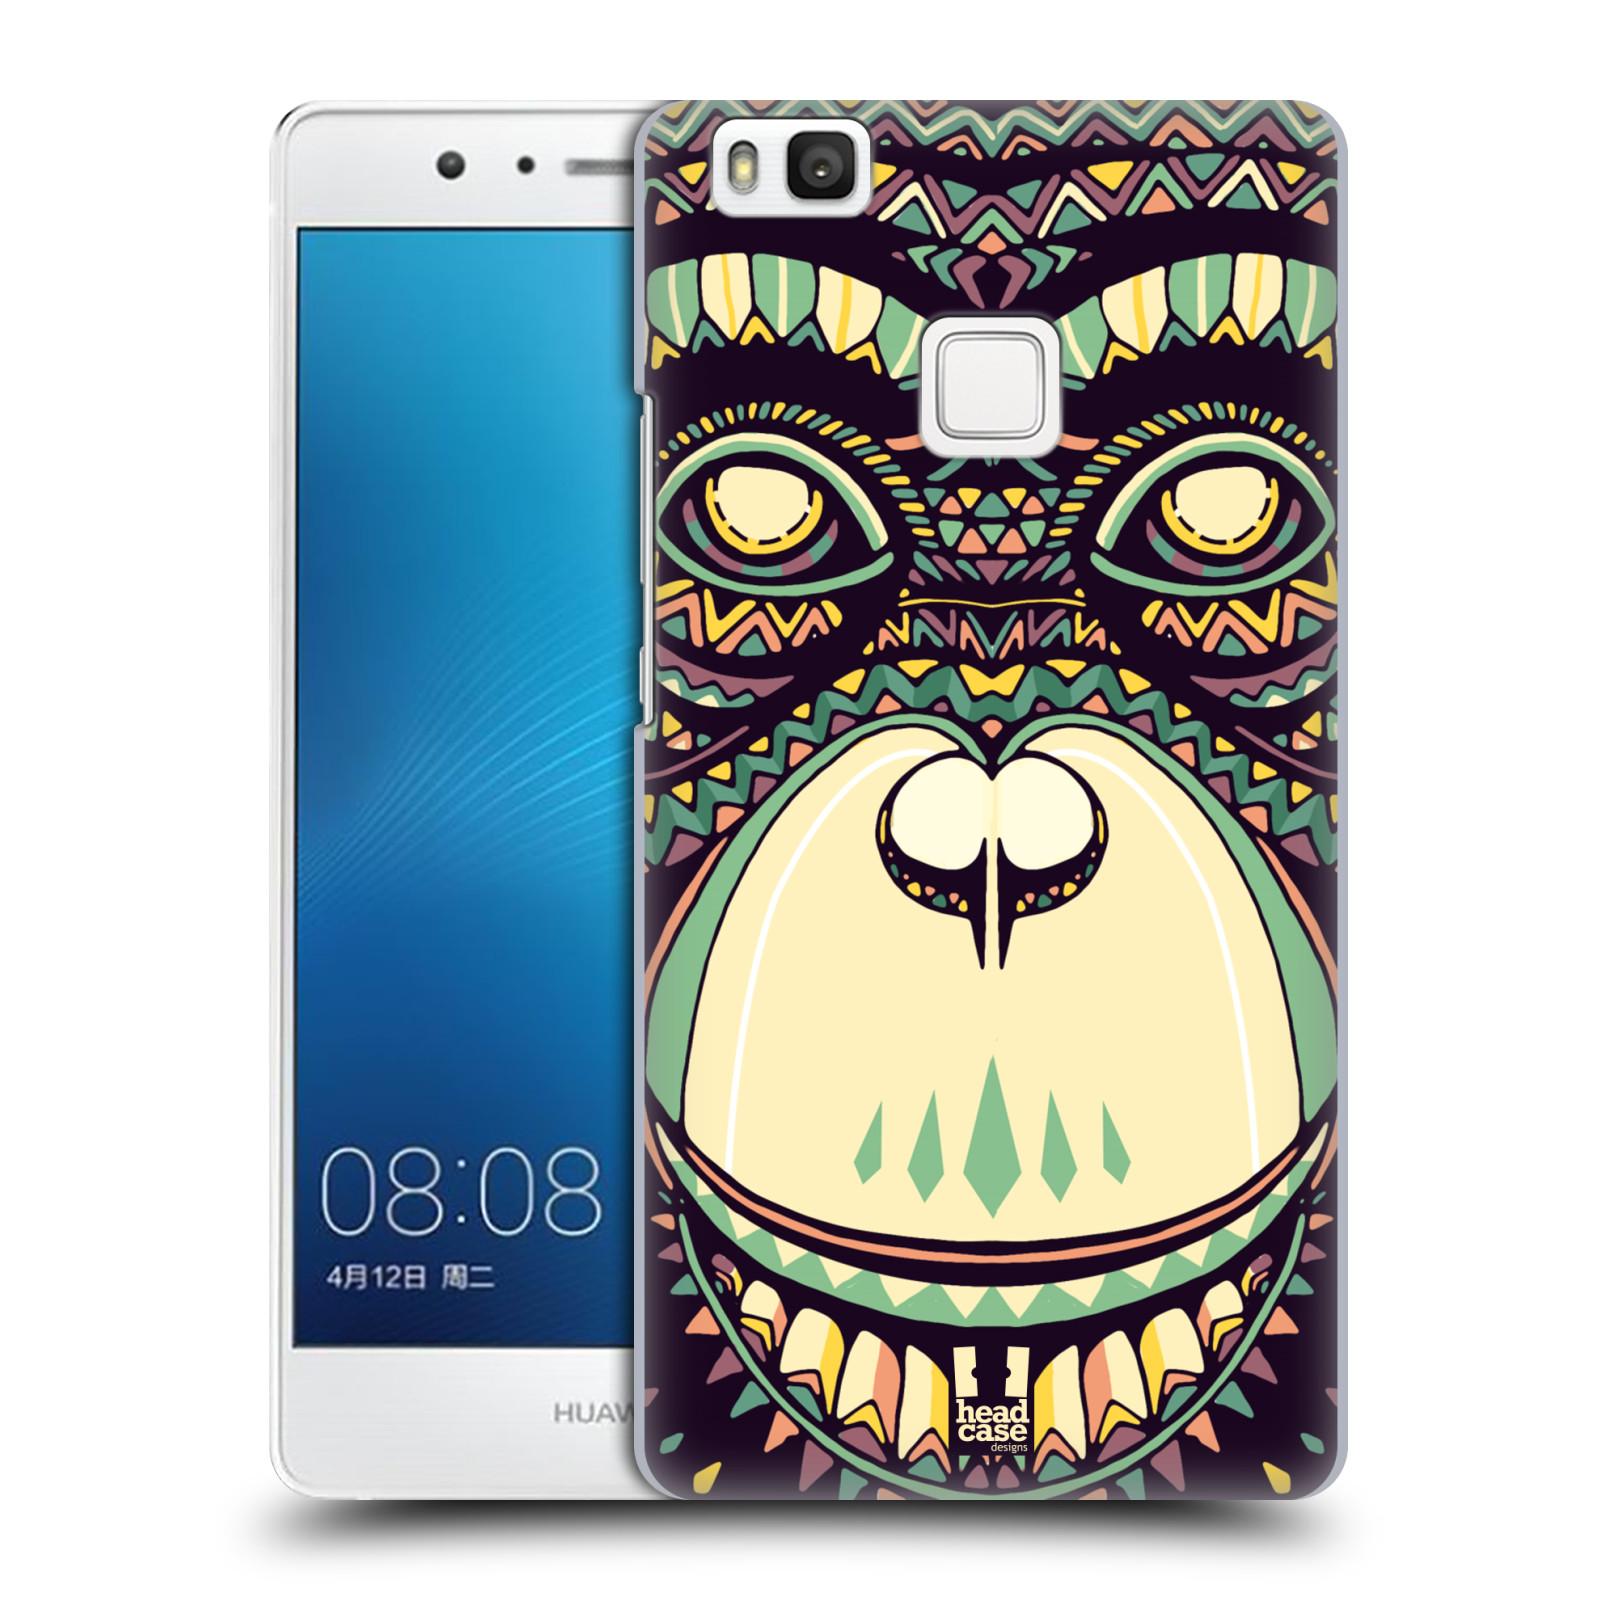 HEAD CASE plastový obal na mobil Huawei P9 LITE / P9 LITE DUAL SIM vzor Aztécký motiv zvíře 3 šimpanz